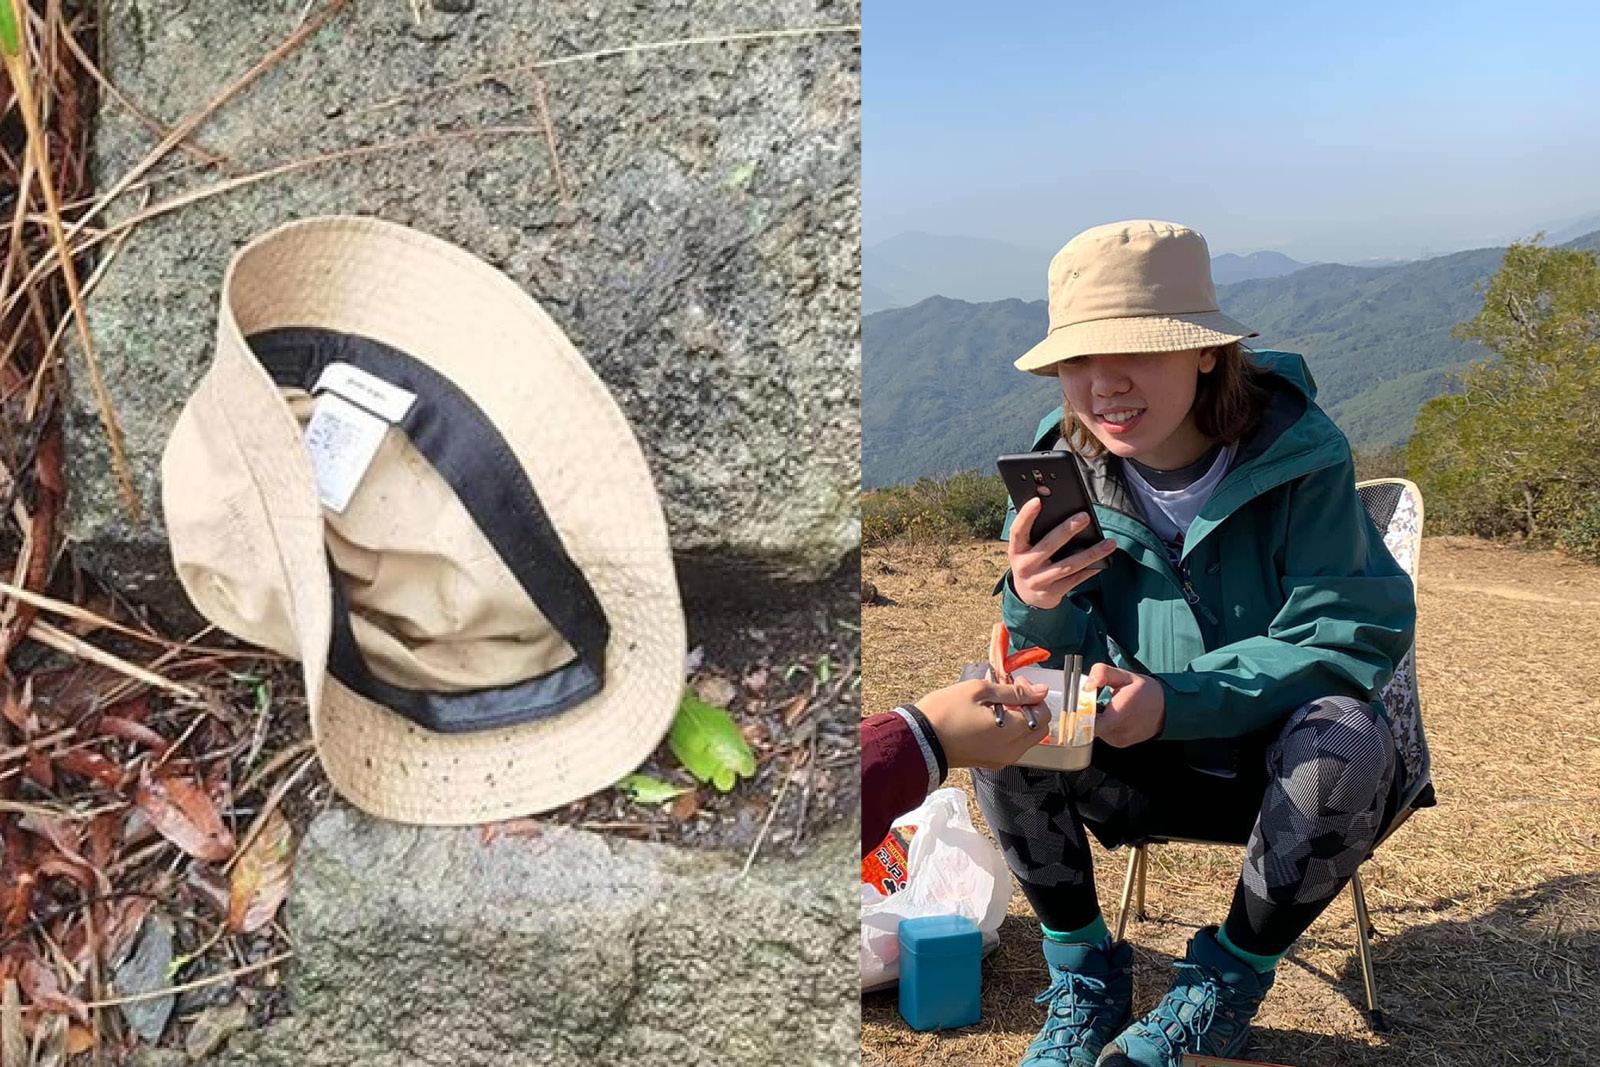 今日凌晨2時許,有義務搜索隊在發現漁夫帽的位置附近找到一隻藍色行山鞋,相信屬於石樂蕎。(網絡圖片合成)